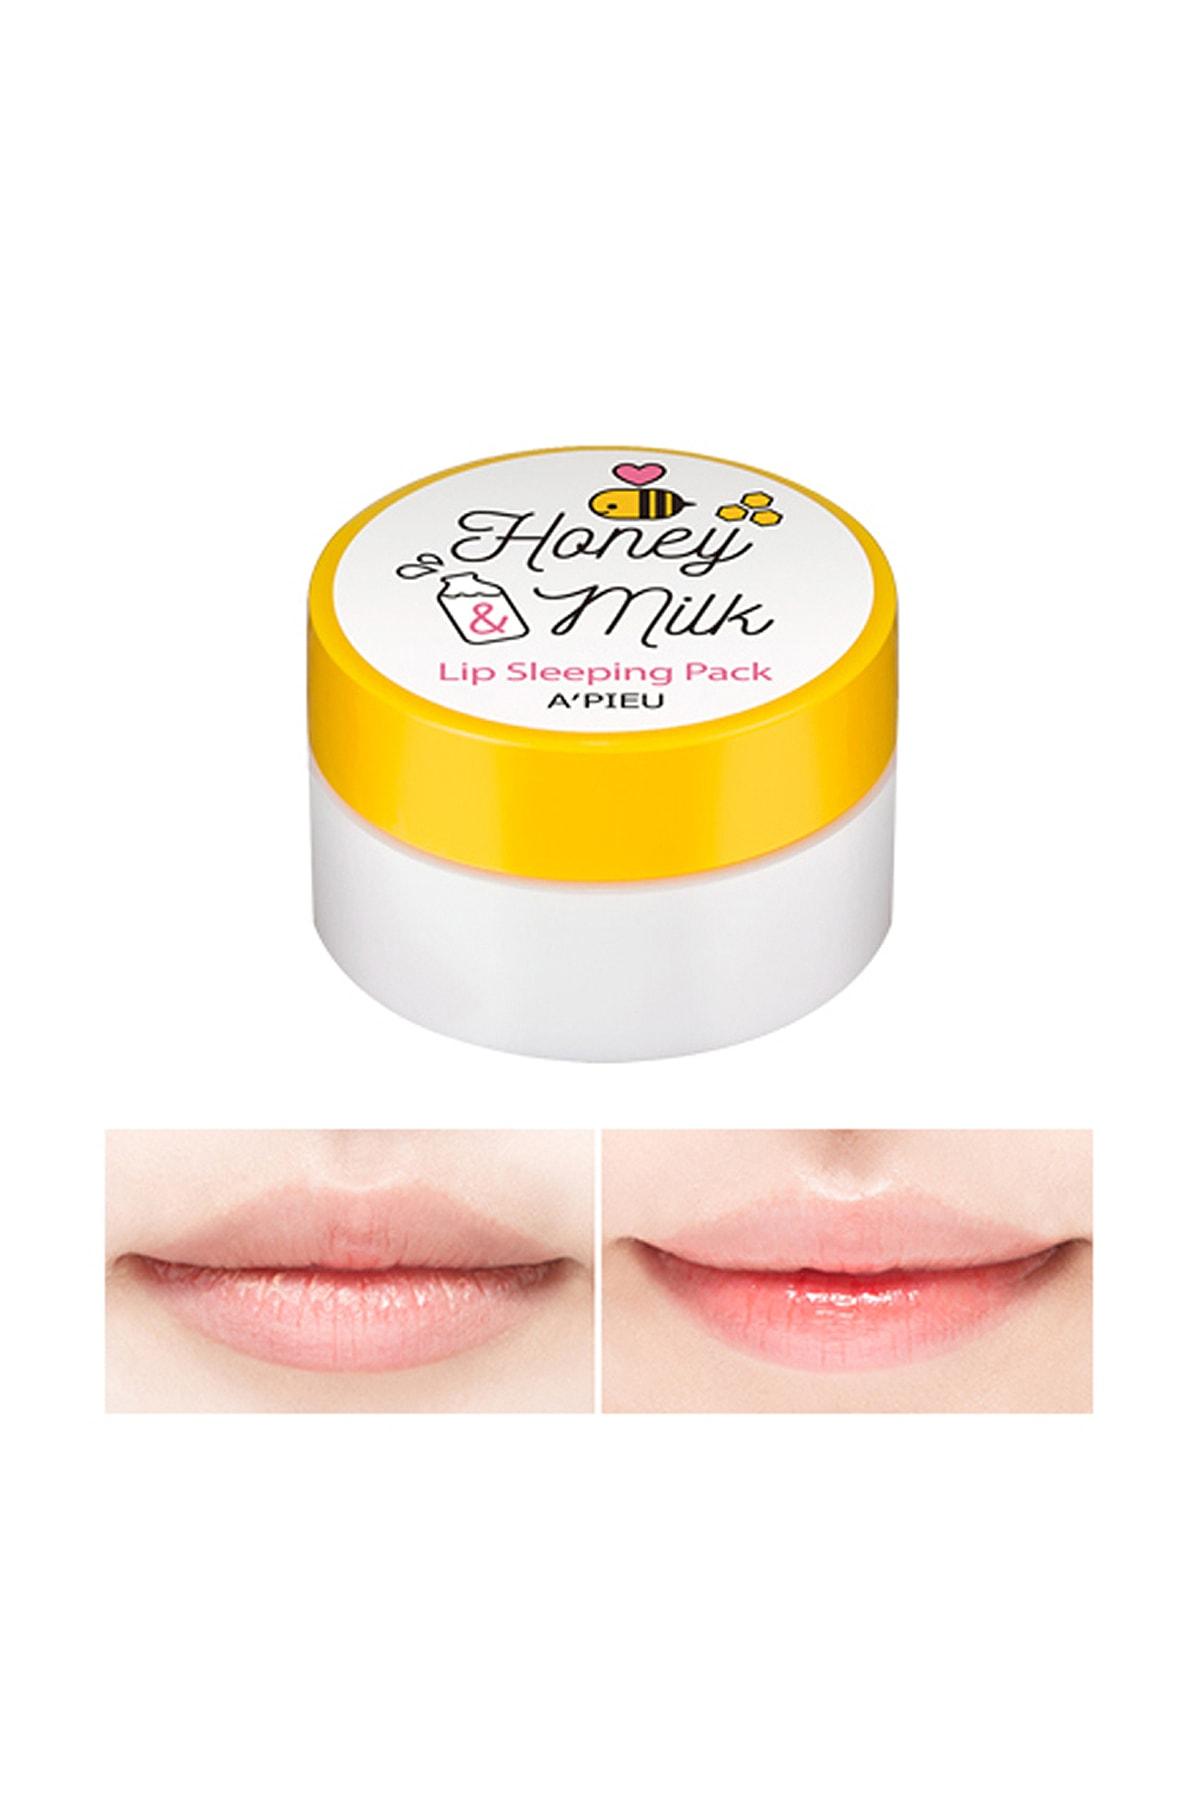 Missha Süt ve Ballı Nemlendirici Dudak Uyku Maskesi APIEU Honey & Milk Lip Sleeping Pack